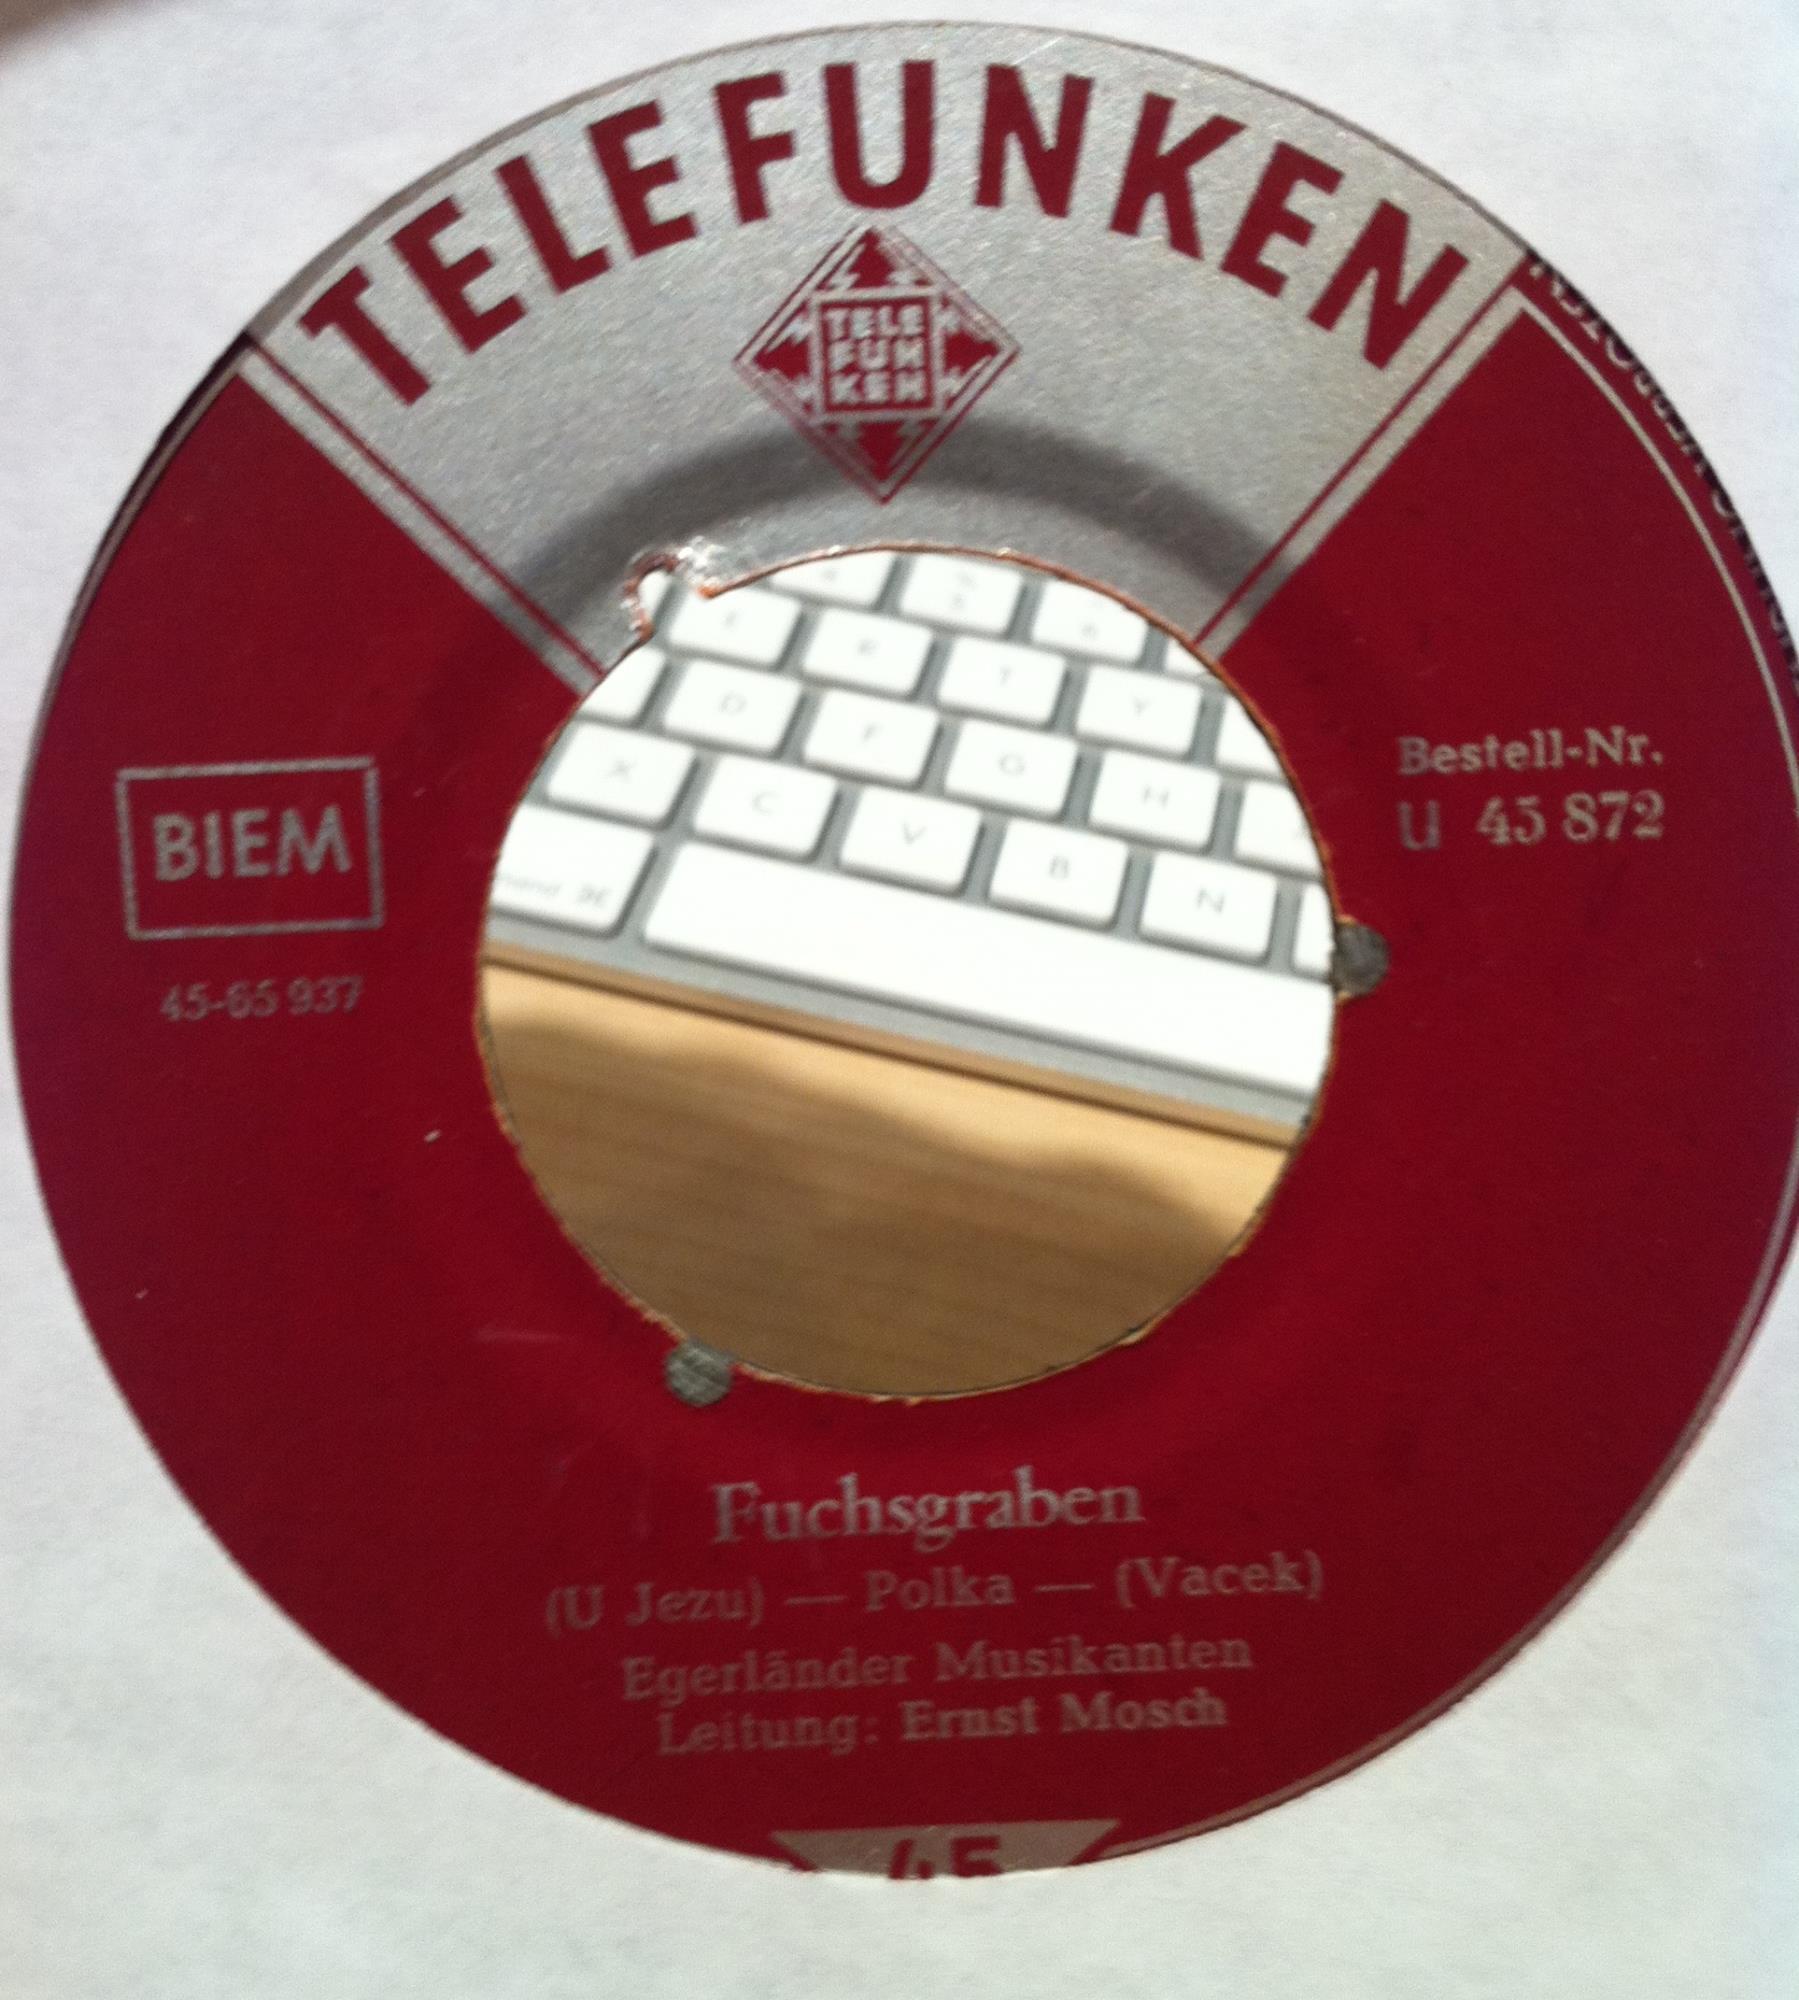 telefunken records vinyl cd maxi lp ep for sale on. Black Bedroom Furniture Sets. Home Design Ideas